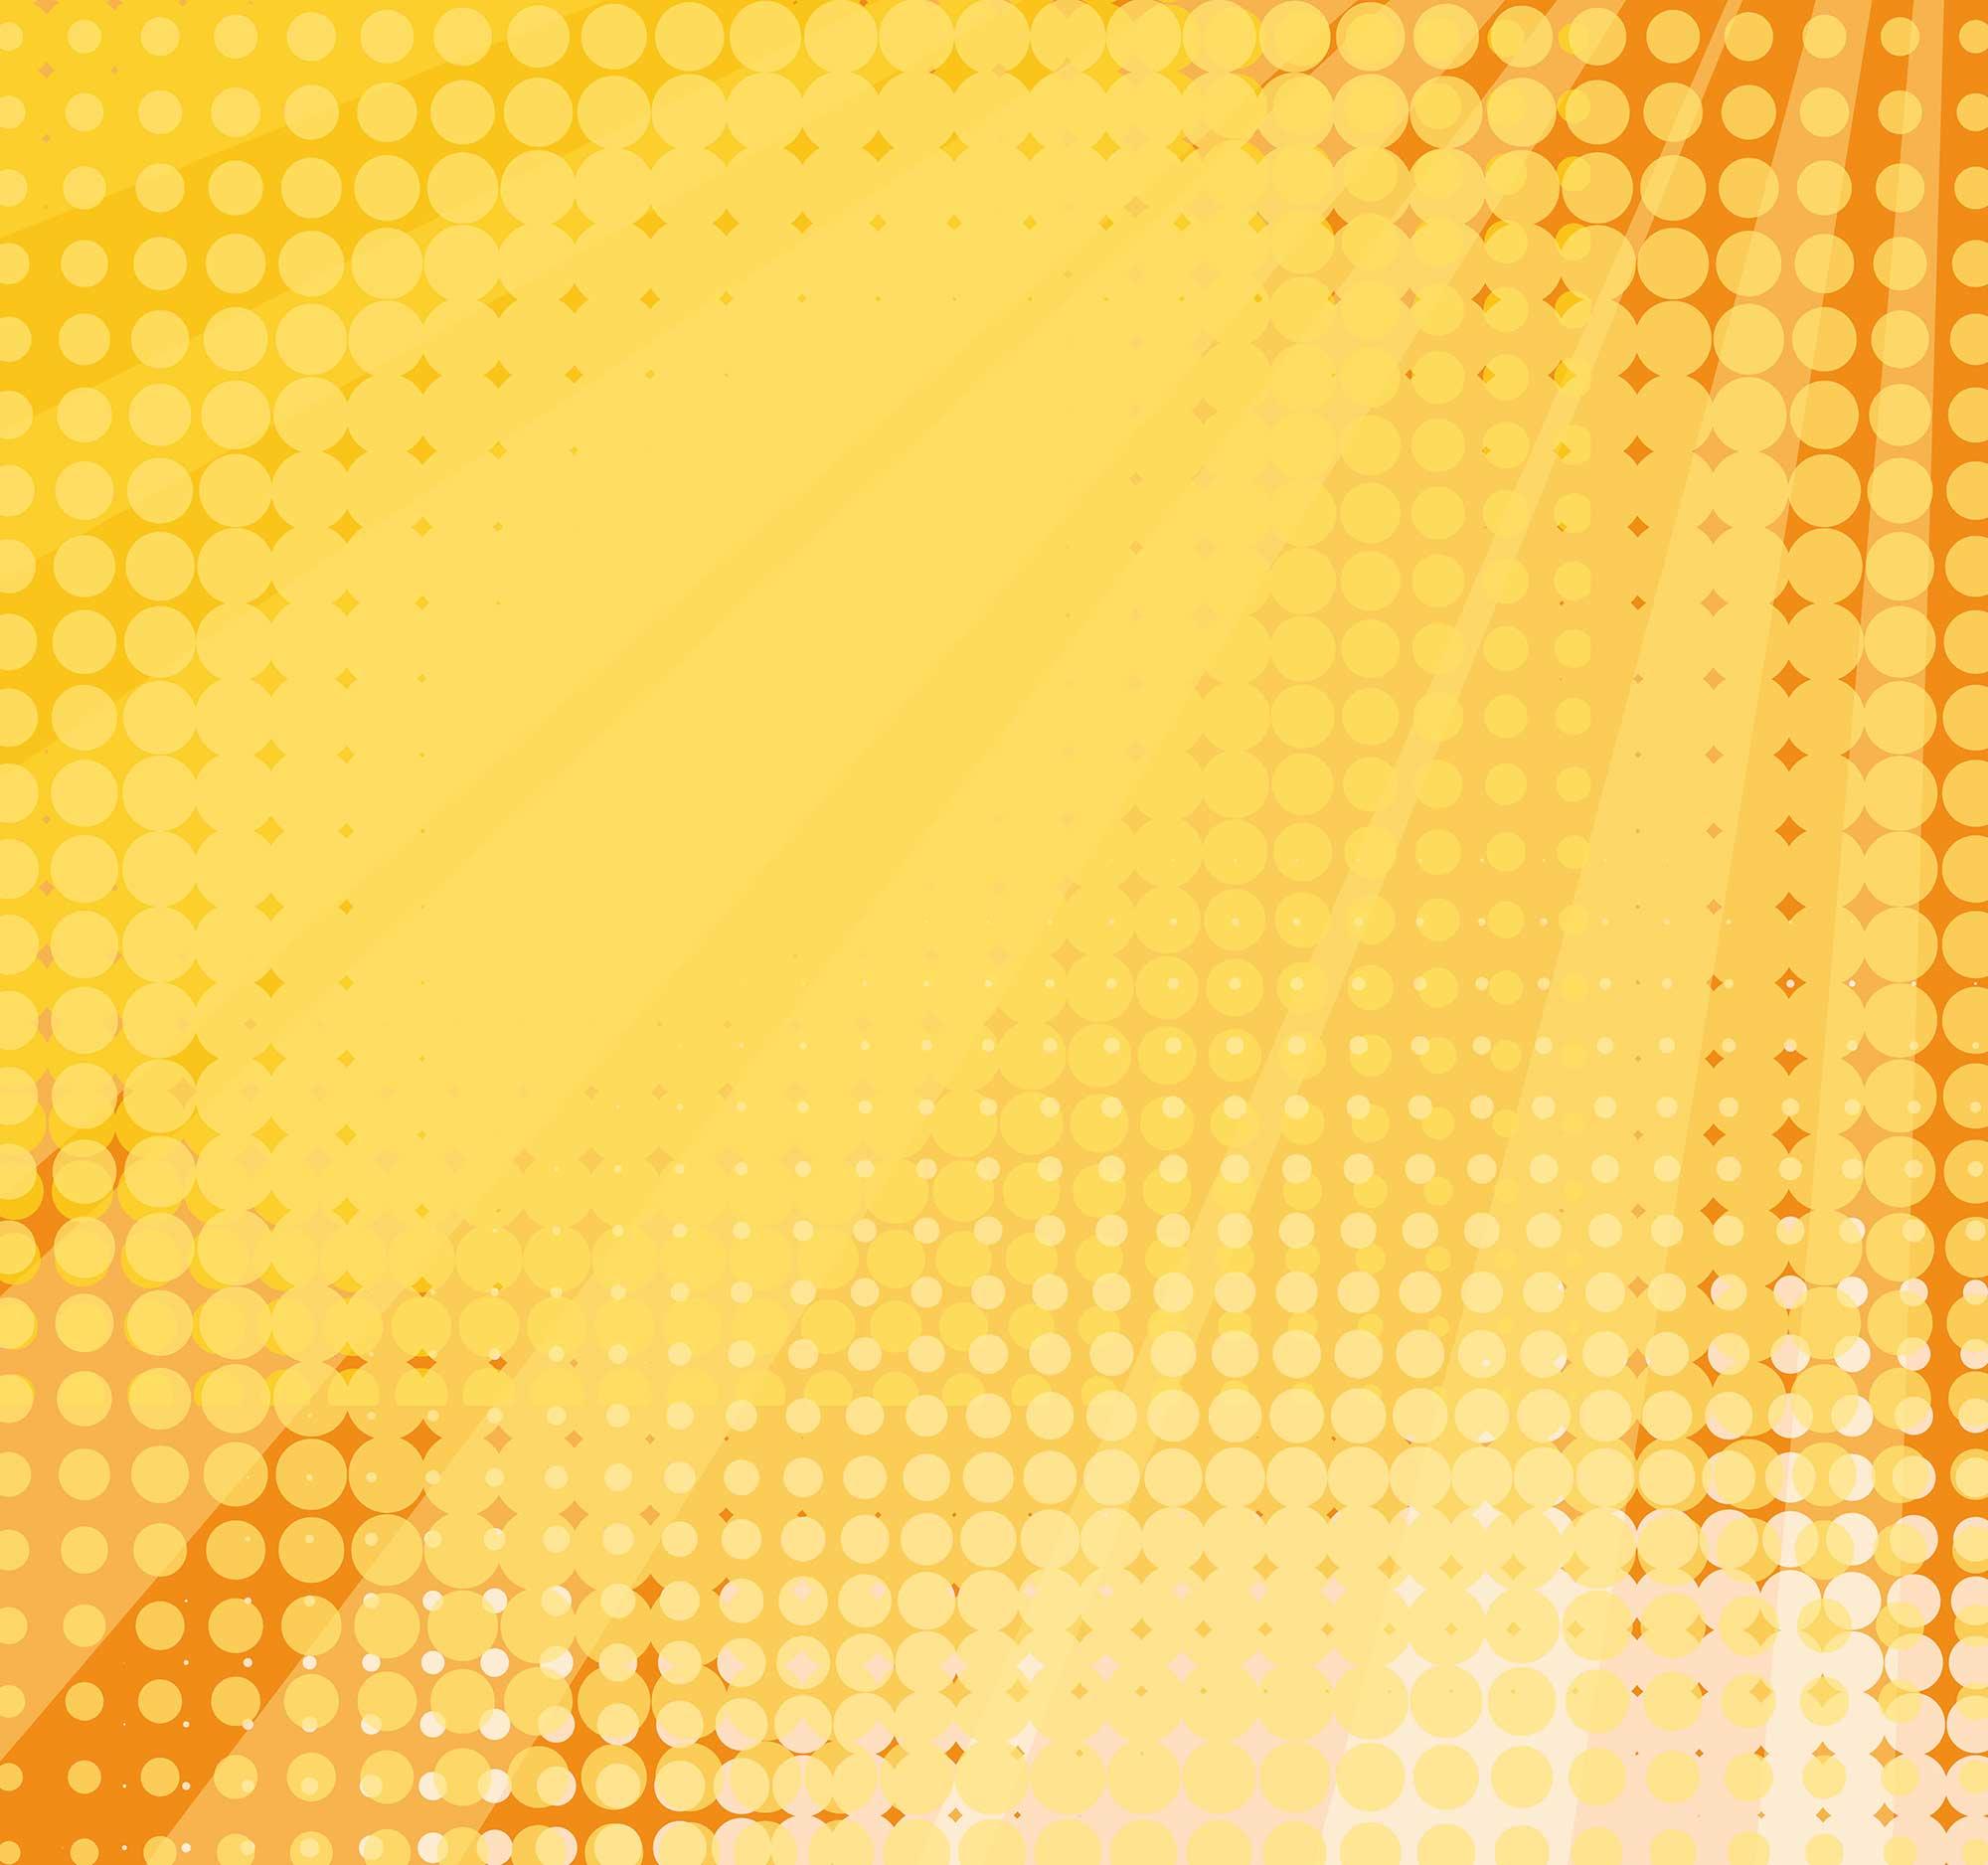 Gummi im Blut - Background